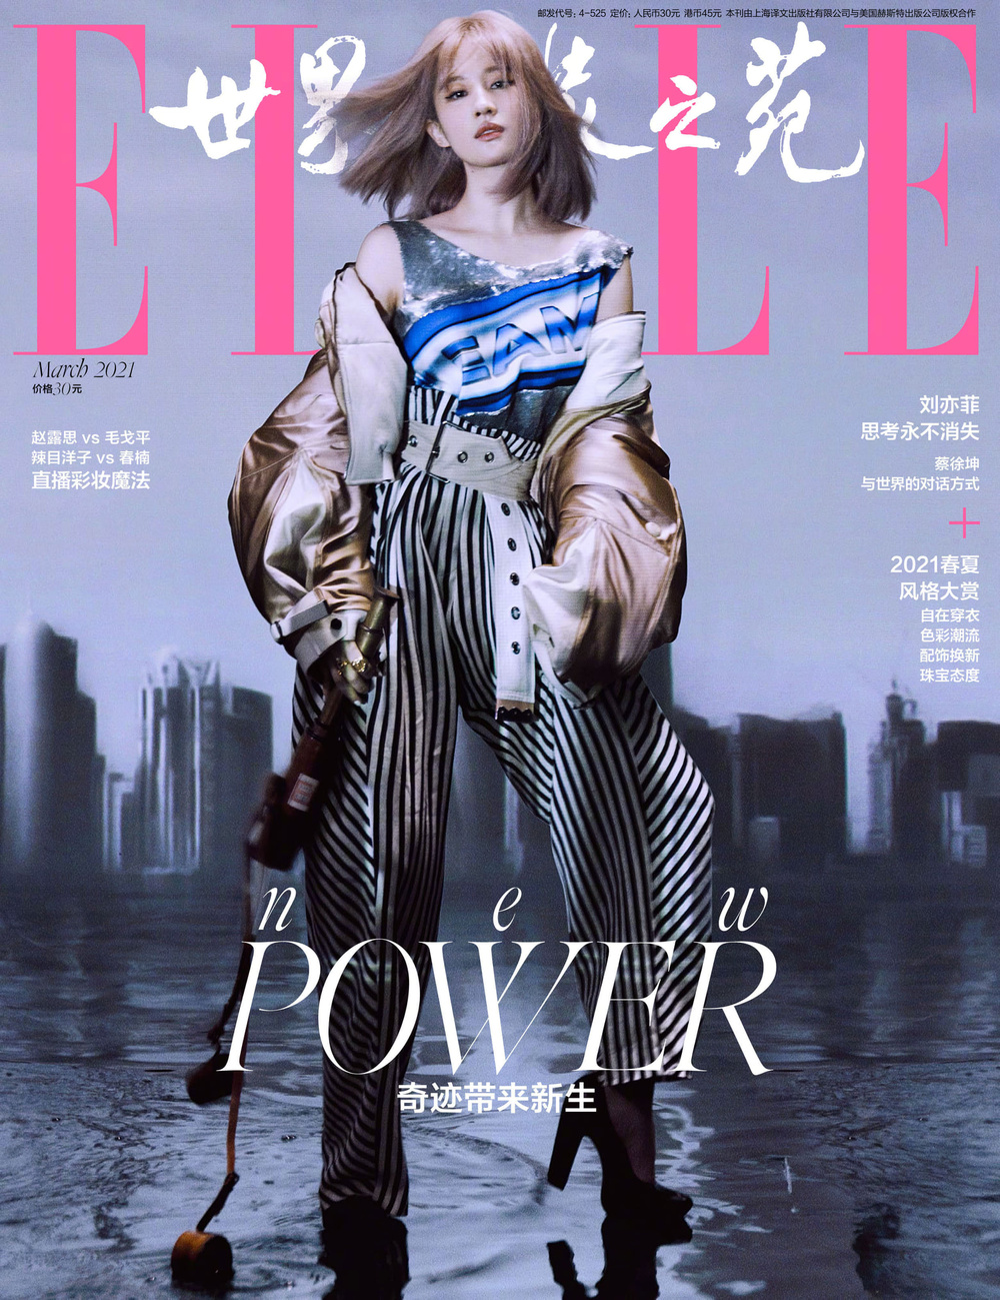 Lưu Diệc Phi lột xác hoàn toàn với visual như nữ idol Kpop trên bìa tạp chí Ảnh 2